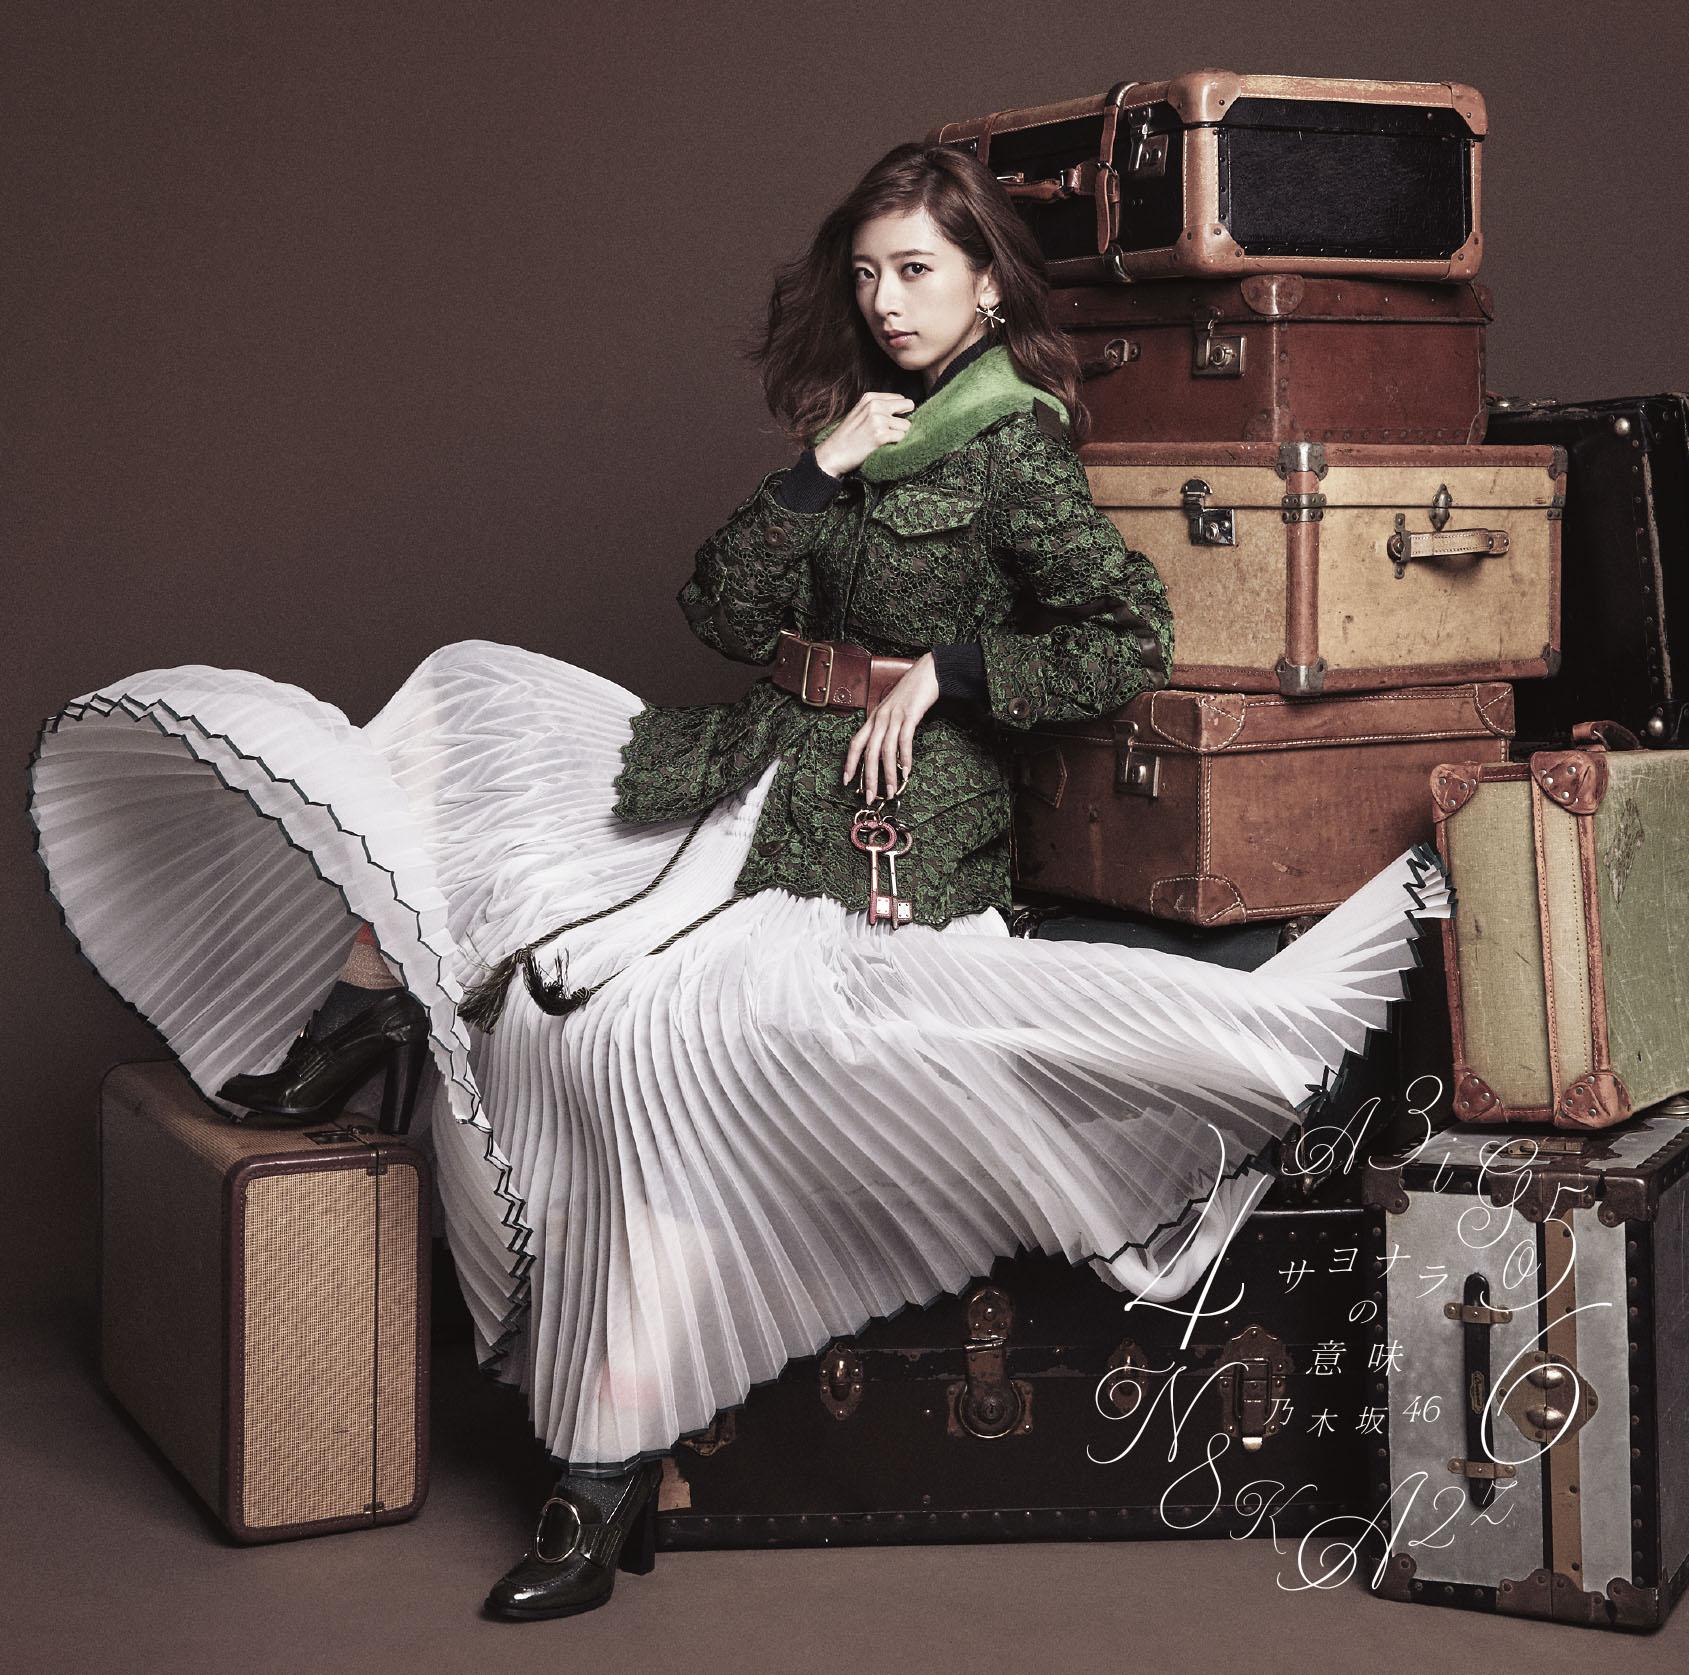 「文春砲」が放たれた元乃木坂46の橋本奈々未は、ソニー・ミュージックの政争の具にされた !?の画像1